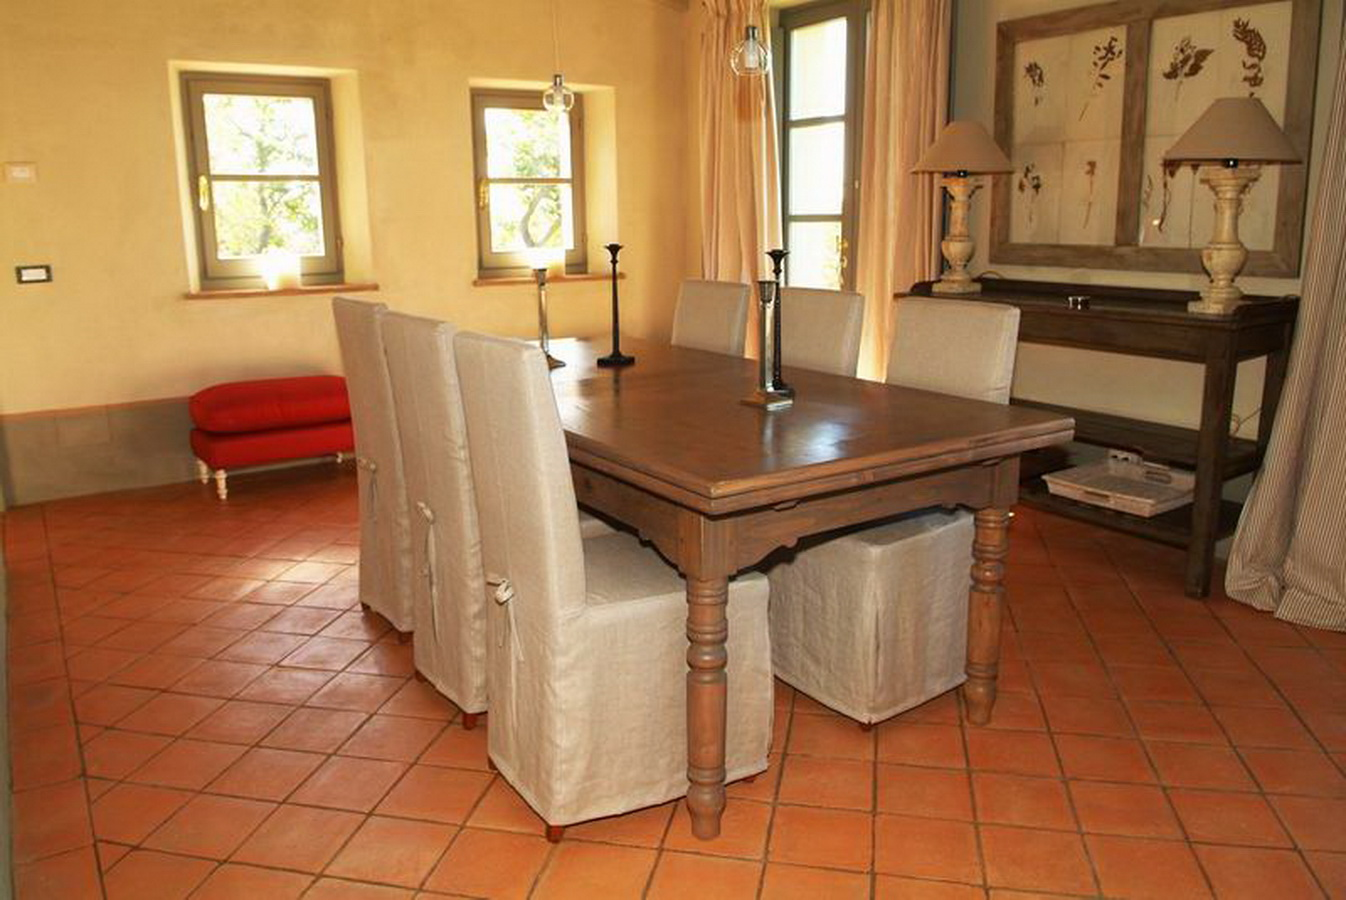 Pavimenti in cotto per interni foto with pavimenti in for Design personalizzato del pavimento